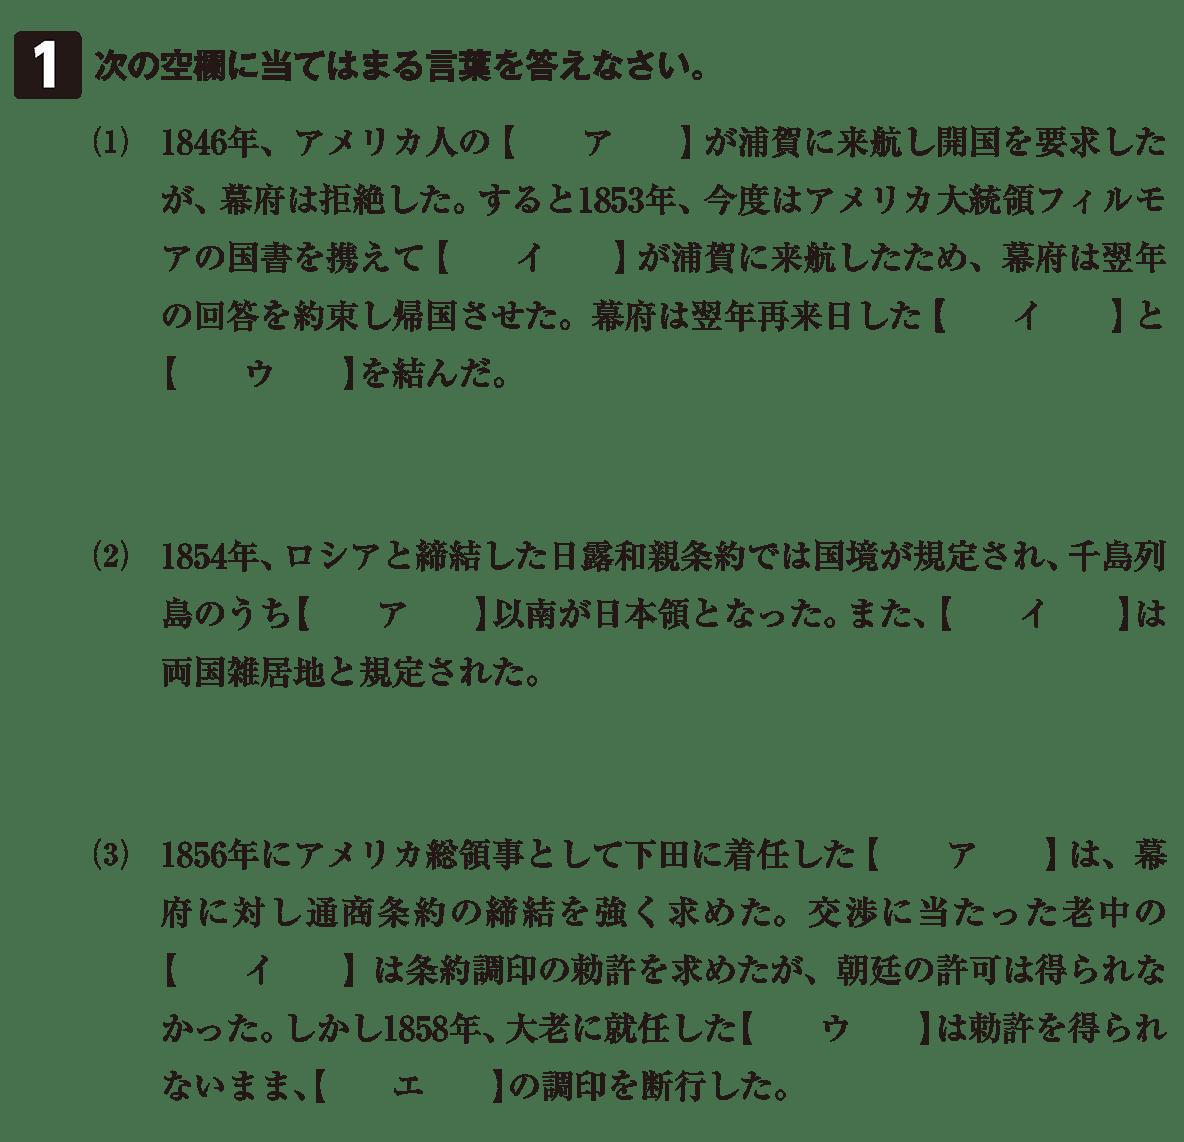 近代03 問題1 カッコ空欄